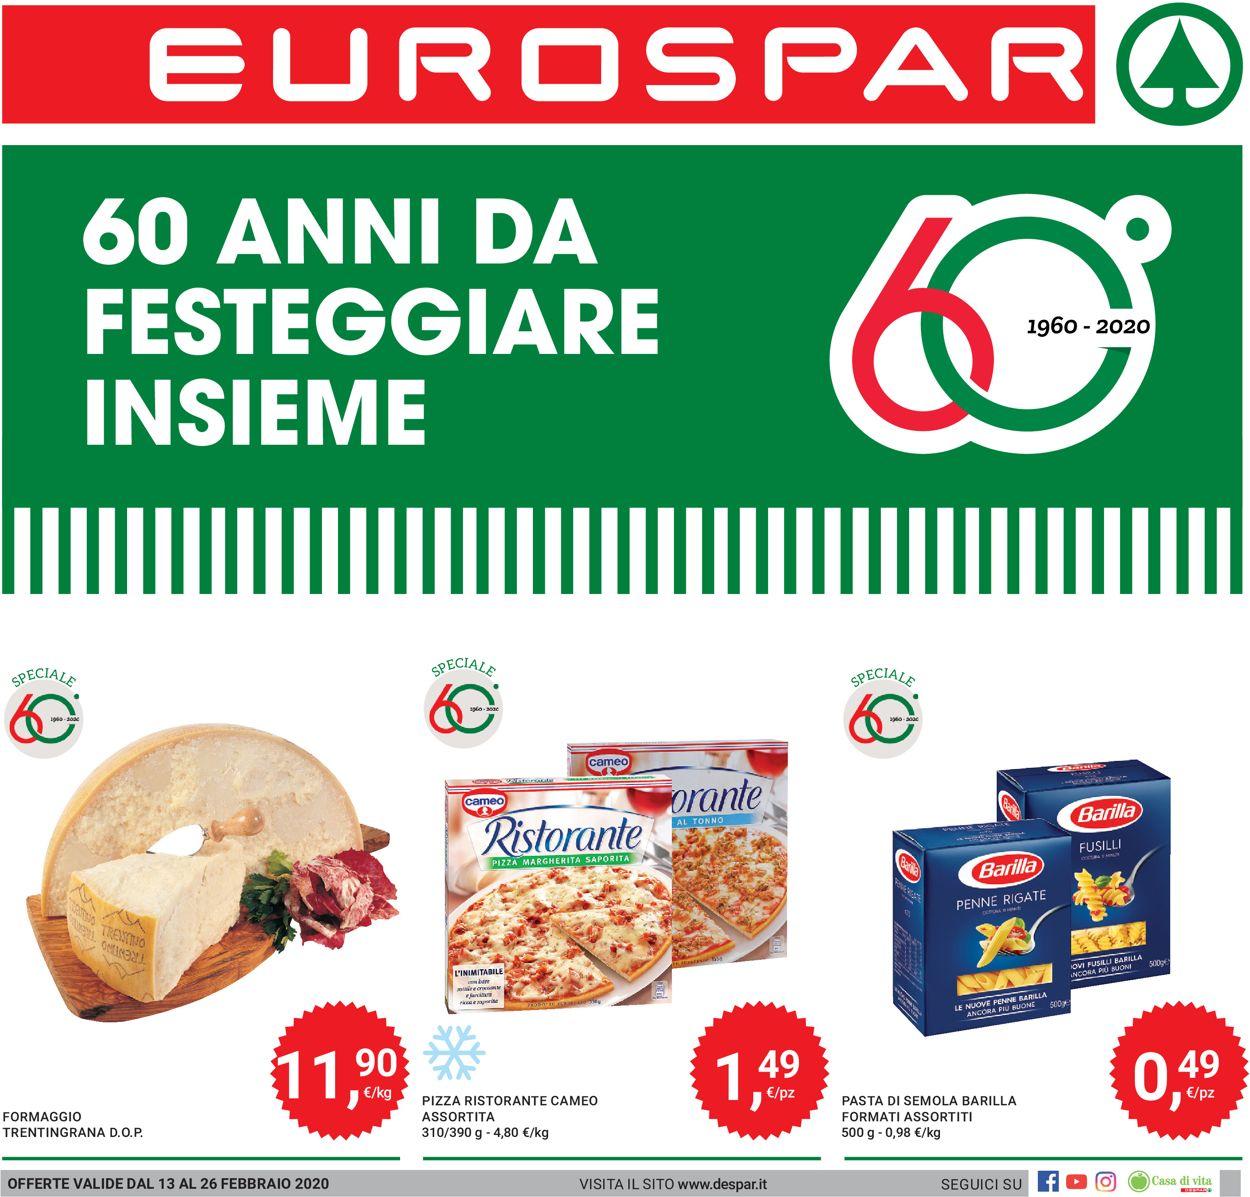 Volantino Eurospar - Offerte 13/02-26/02/2020